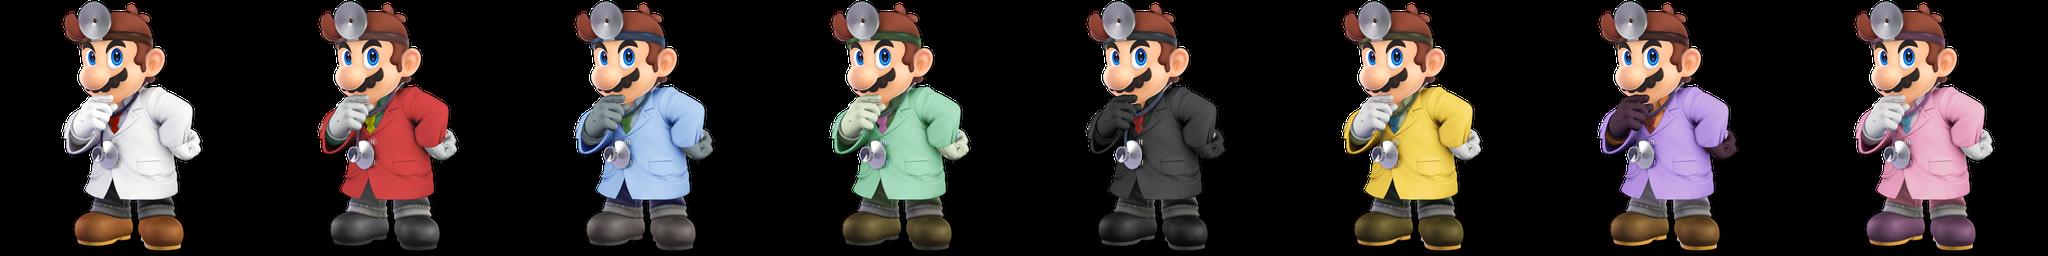 Dr. Mario (Super Smash Bros. Ultimate)